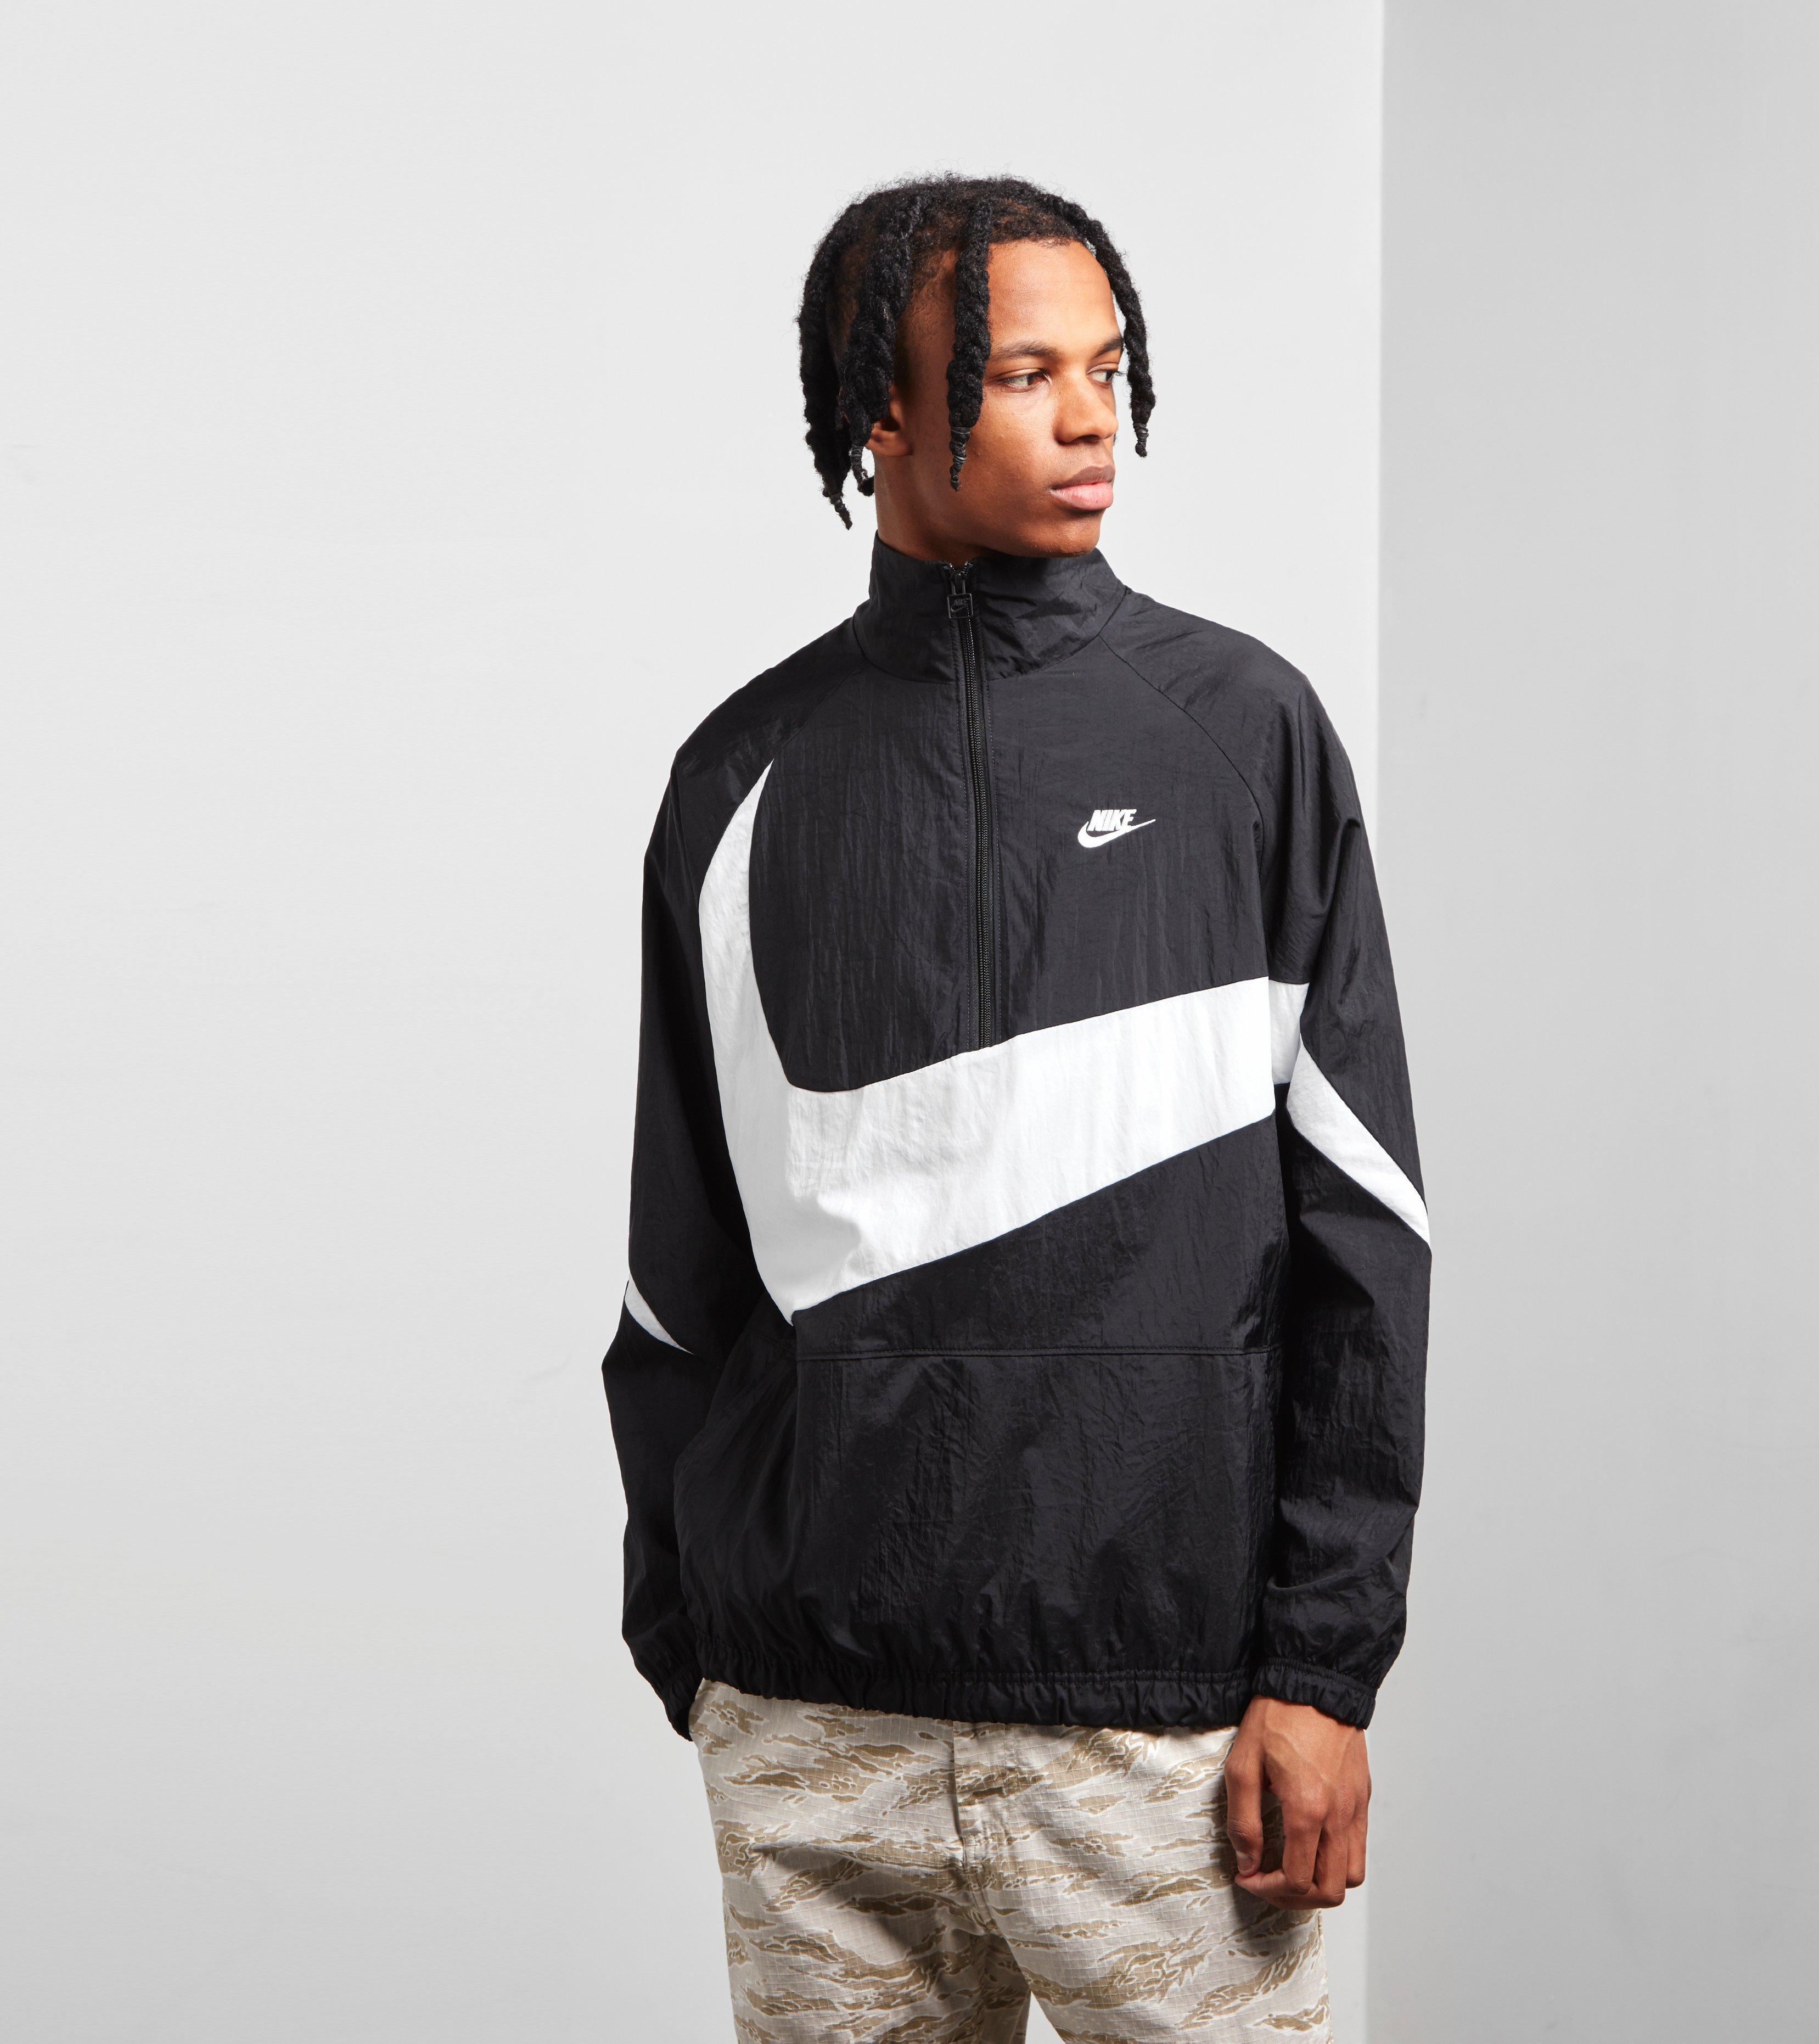 the latest 23b34 fcef5 Nike Swoosh Half Zip Woven Jacket in Black for Men - Lyst